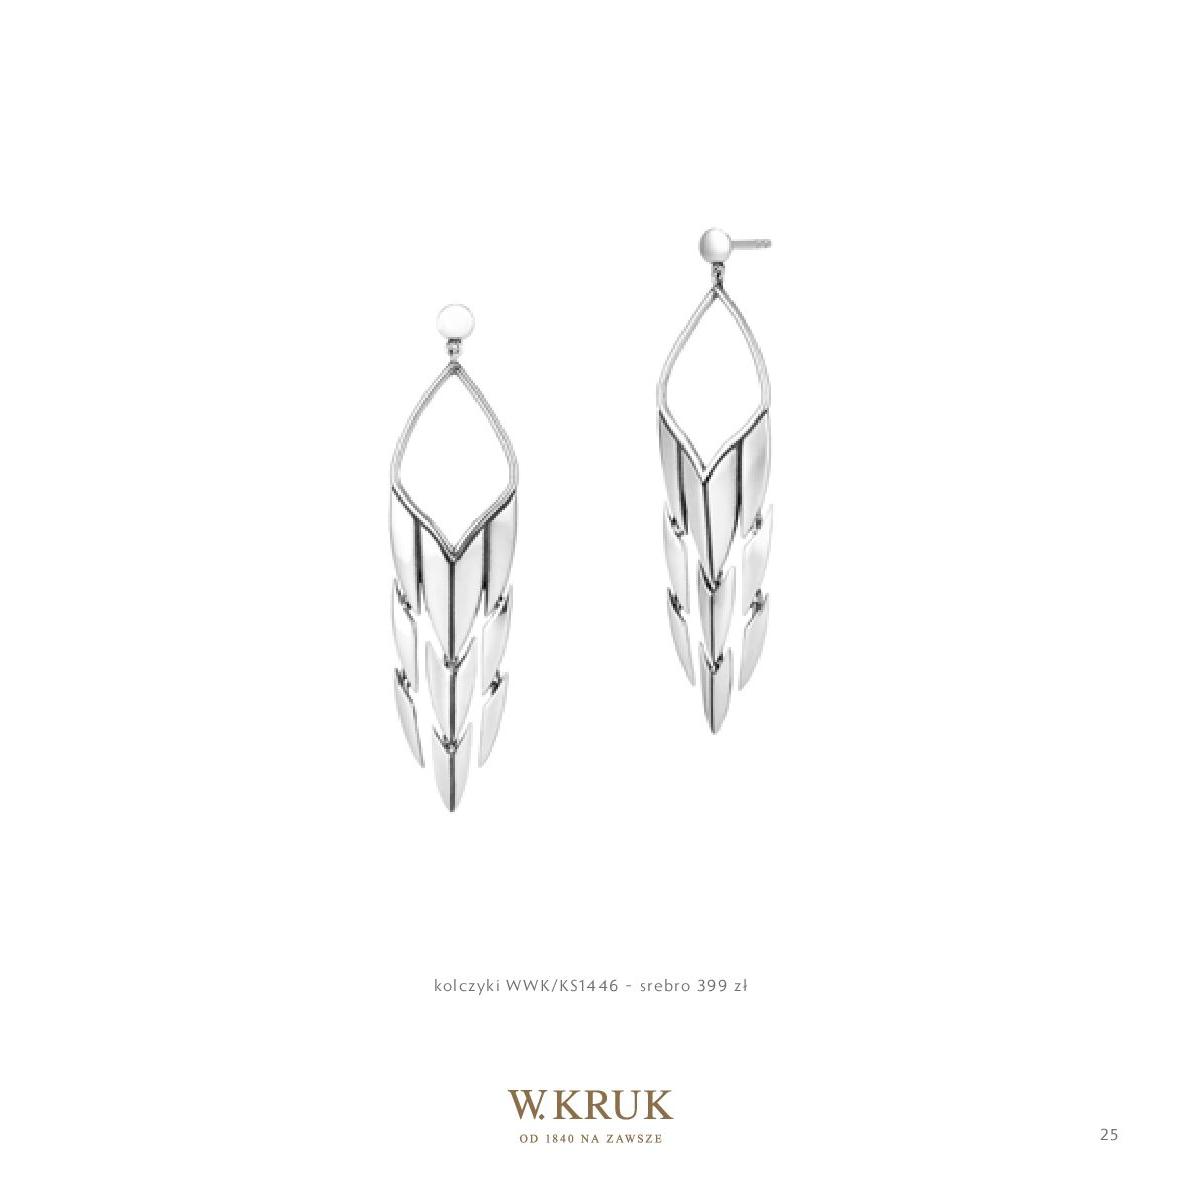 Gazetka W. KRUK: Katalog - Freedom Wolf 2021-02-17 page-27